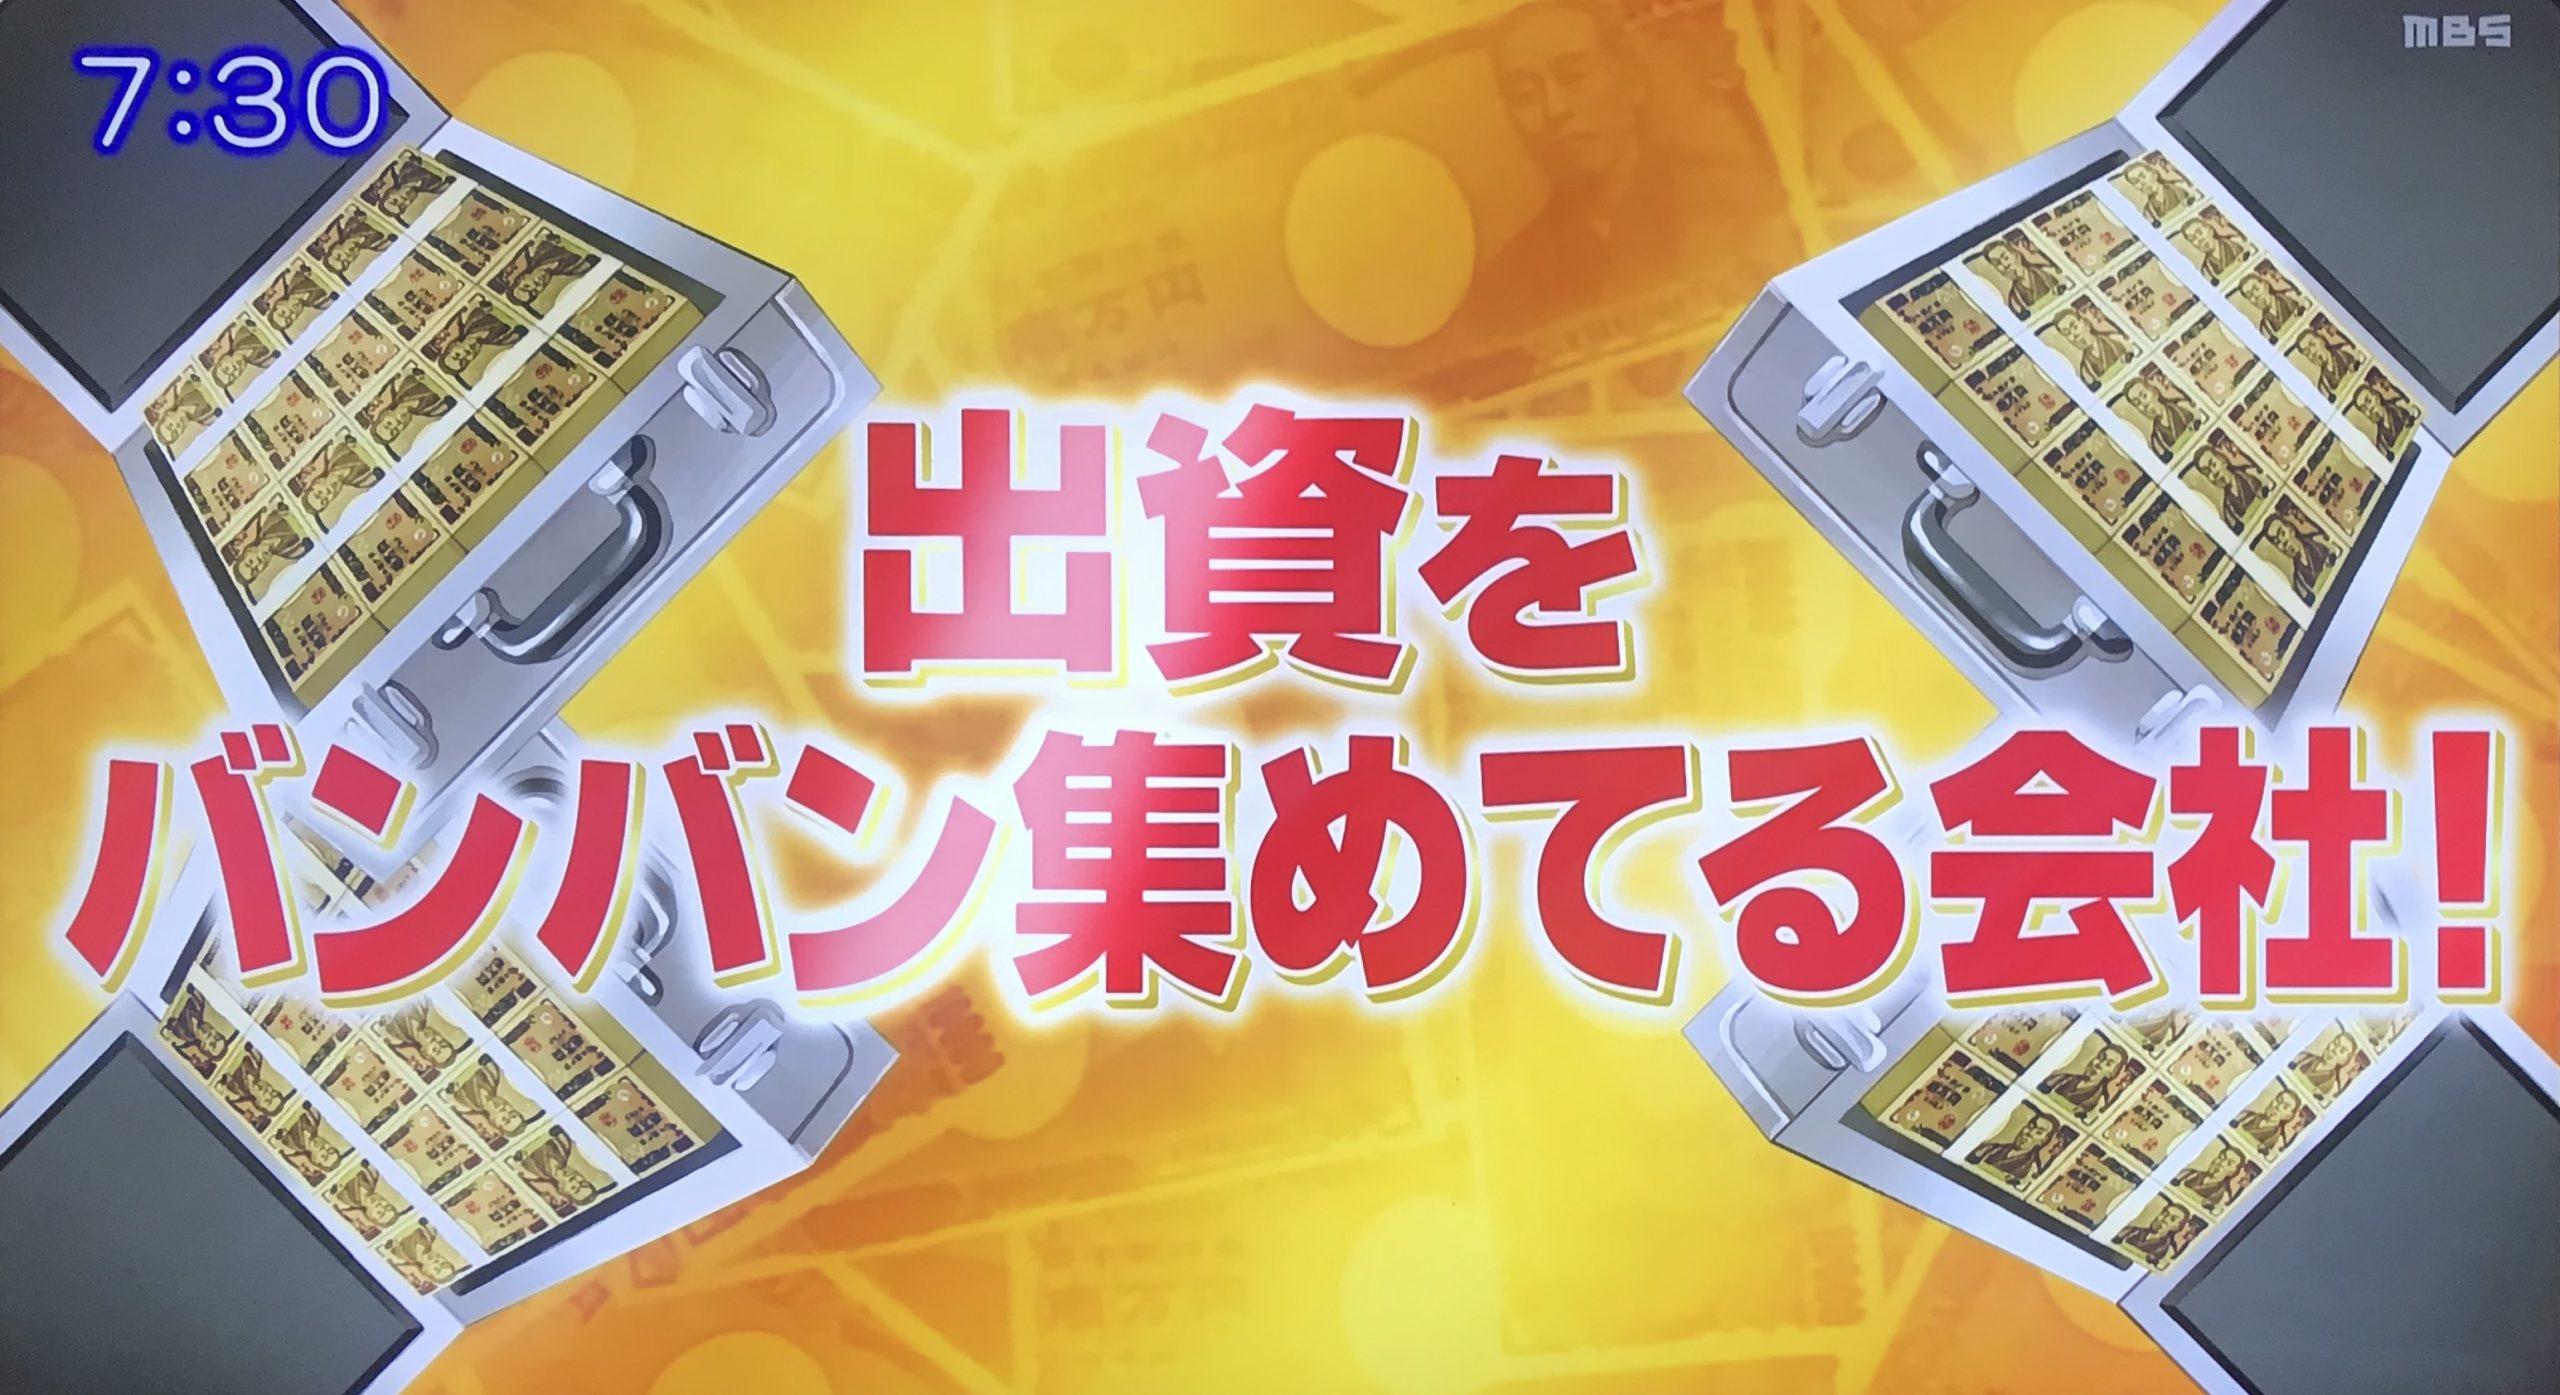 【3分ネタバレ!!】がっちりマンデー 森永製菓がヤマップに、第一生命がユニファに…有名企業から出資を集めている会社を紹介!!